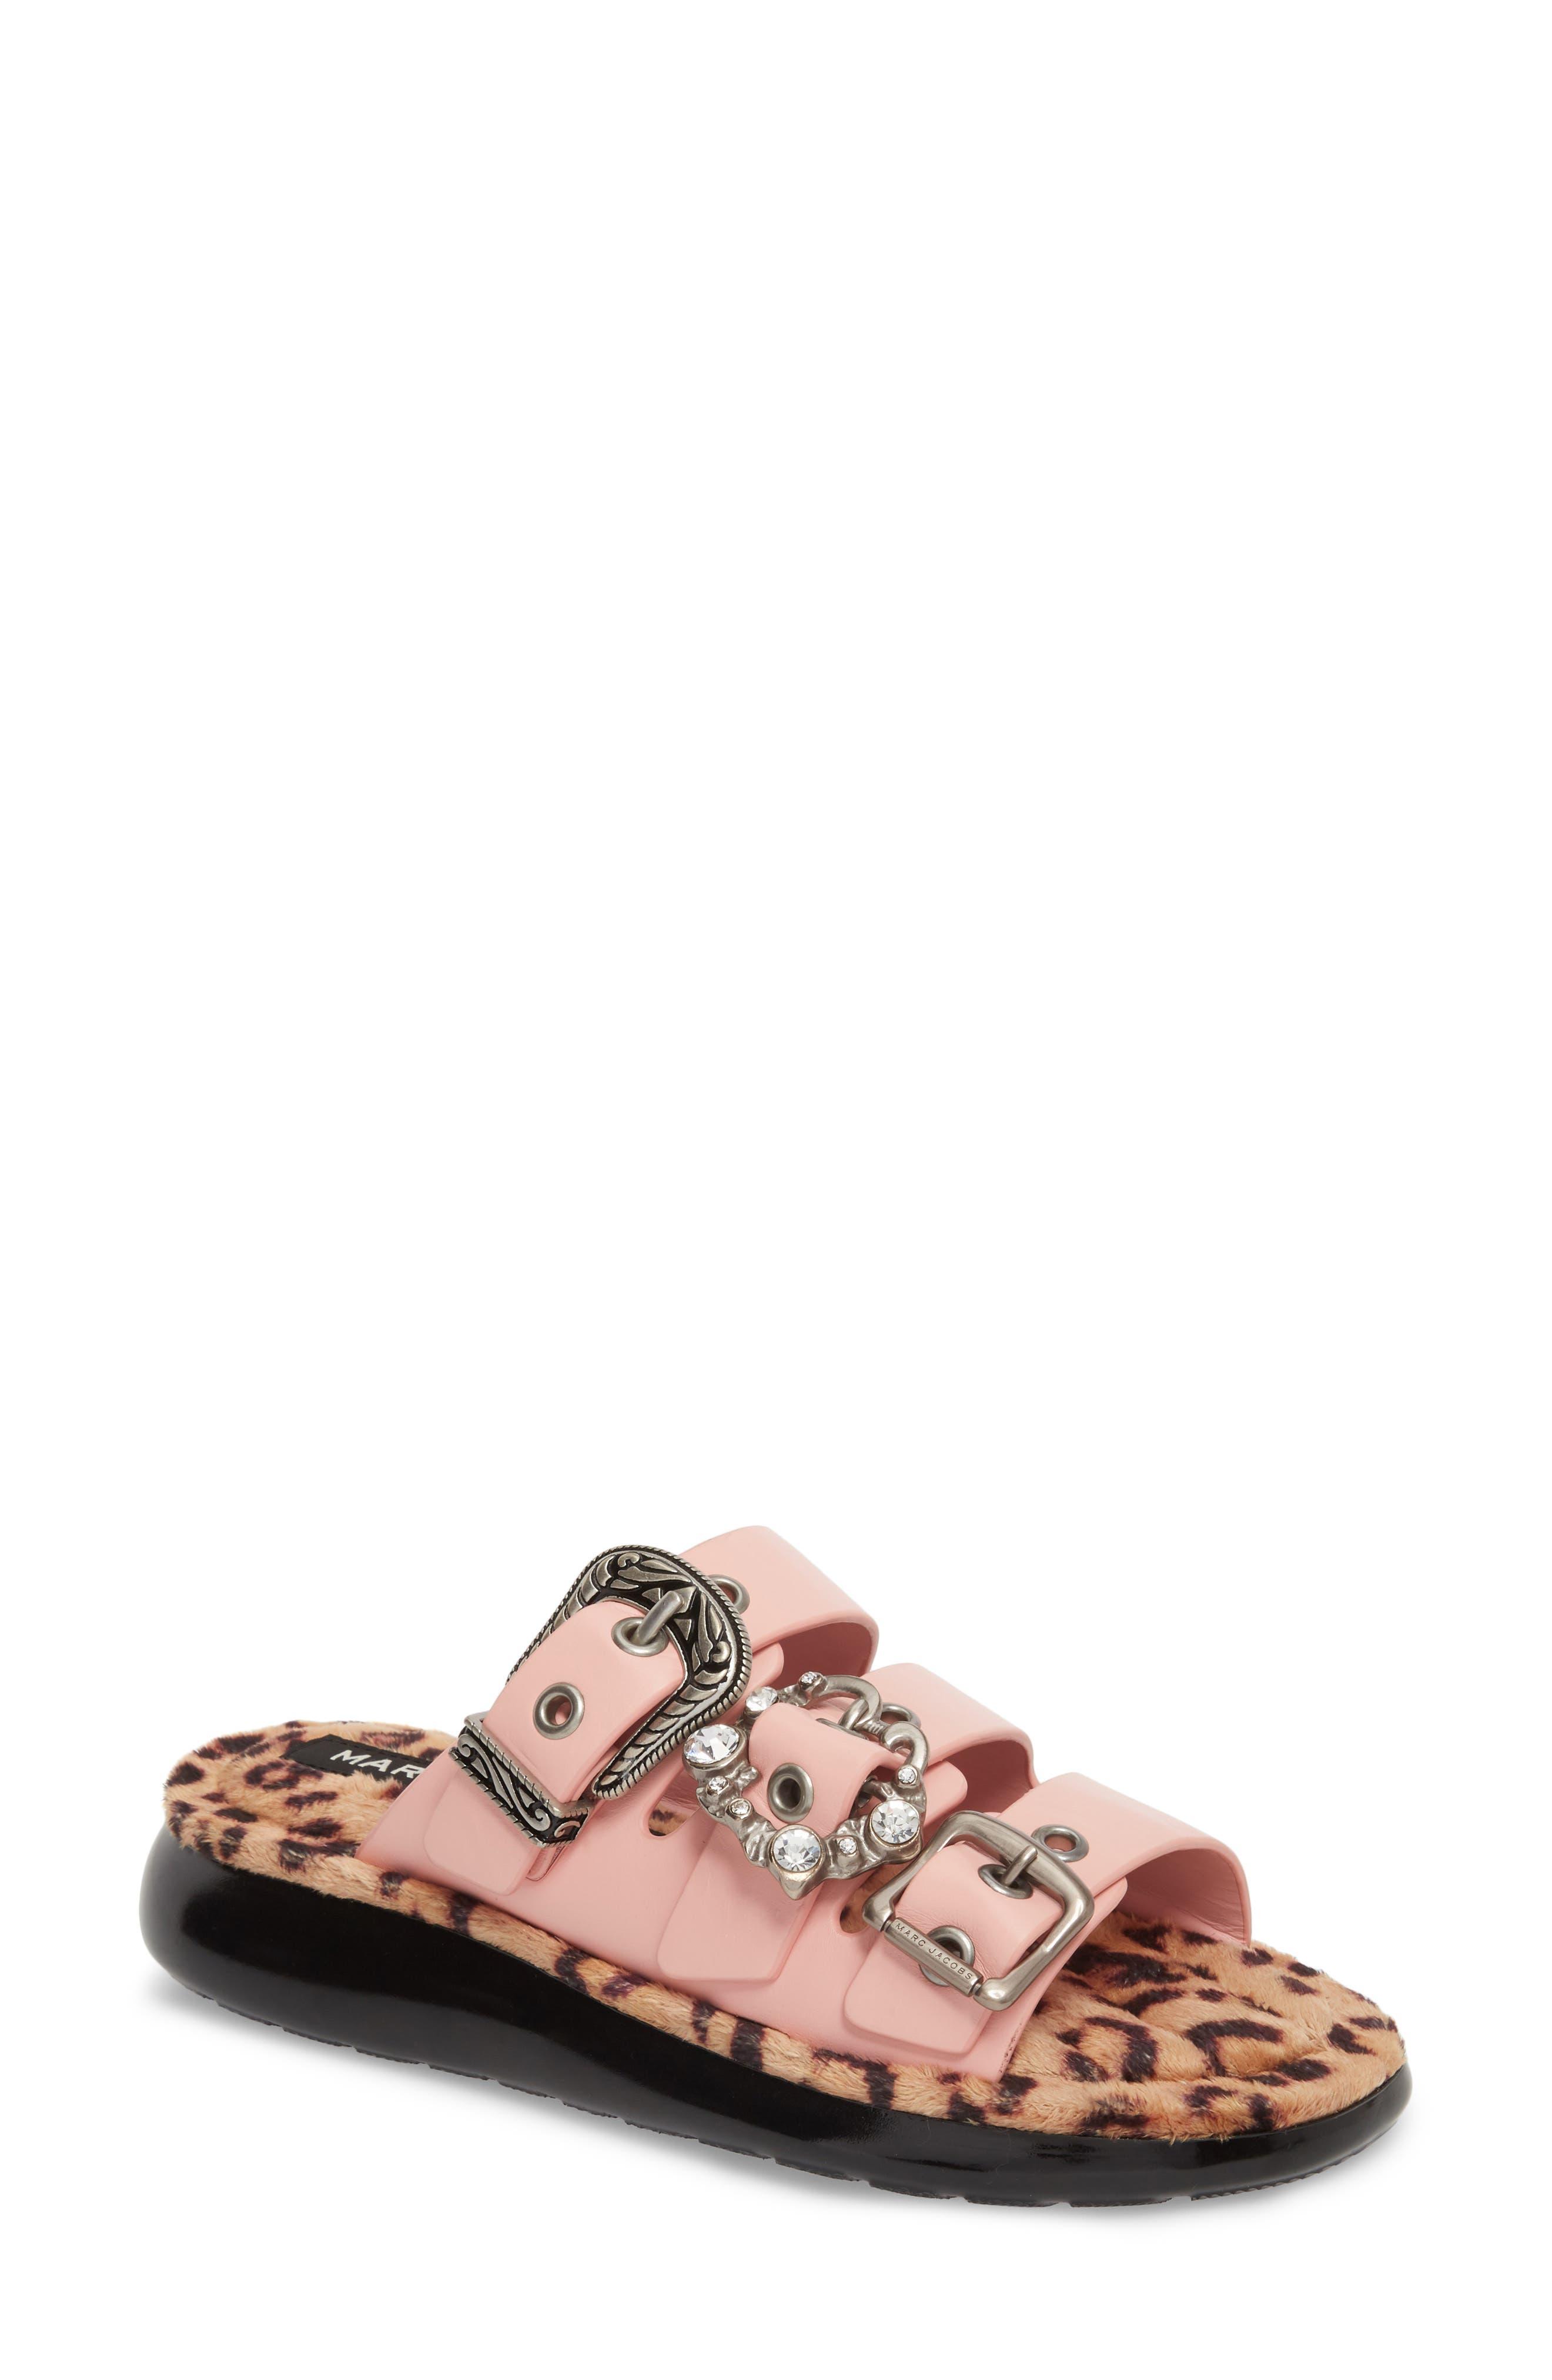 Emerson Faux Fur Sport Sandal,                         Main,                         color, LIGHT PINK MULTI